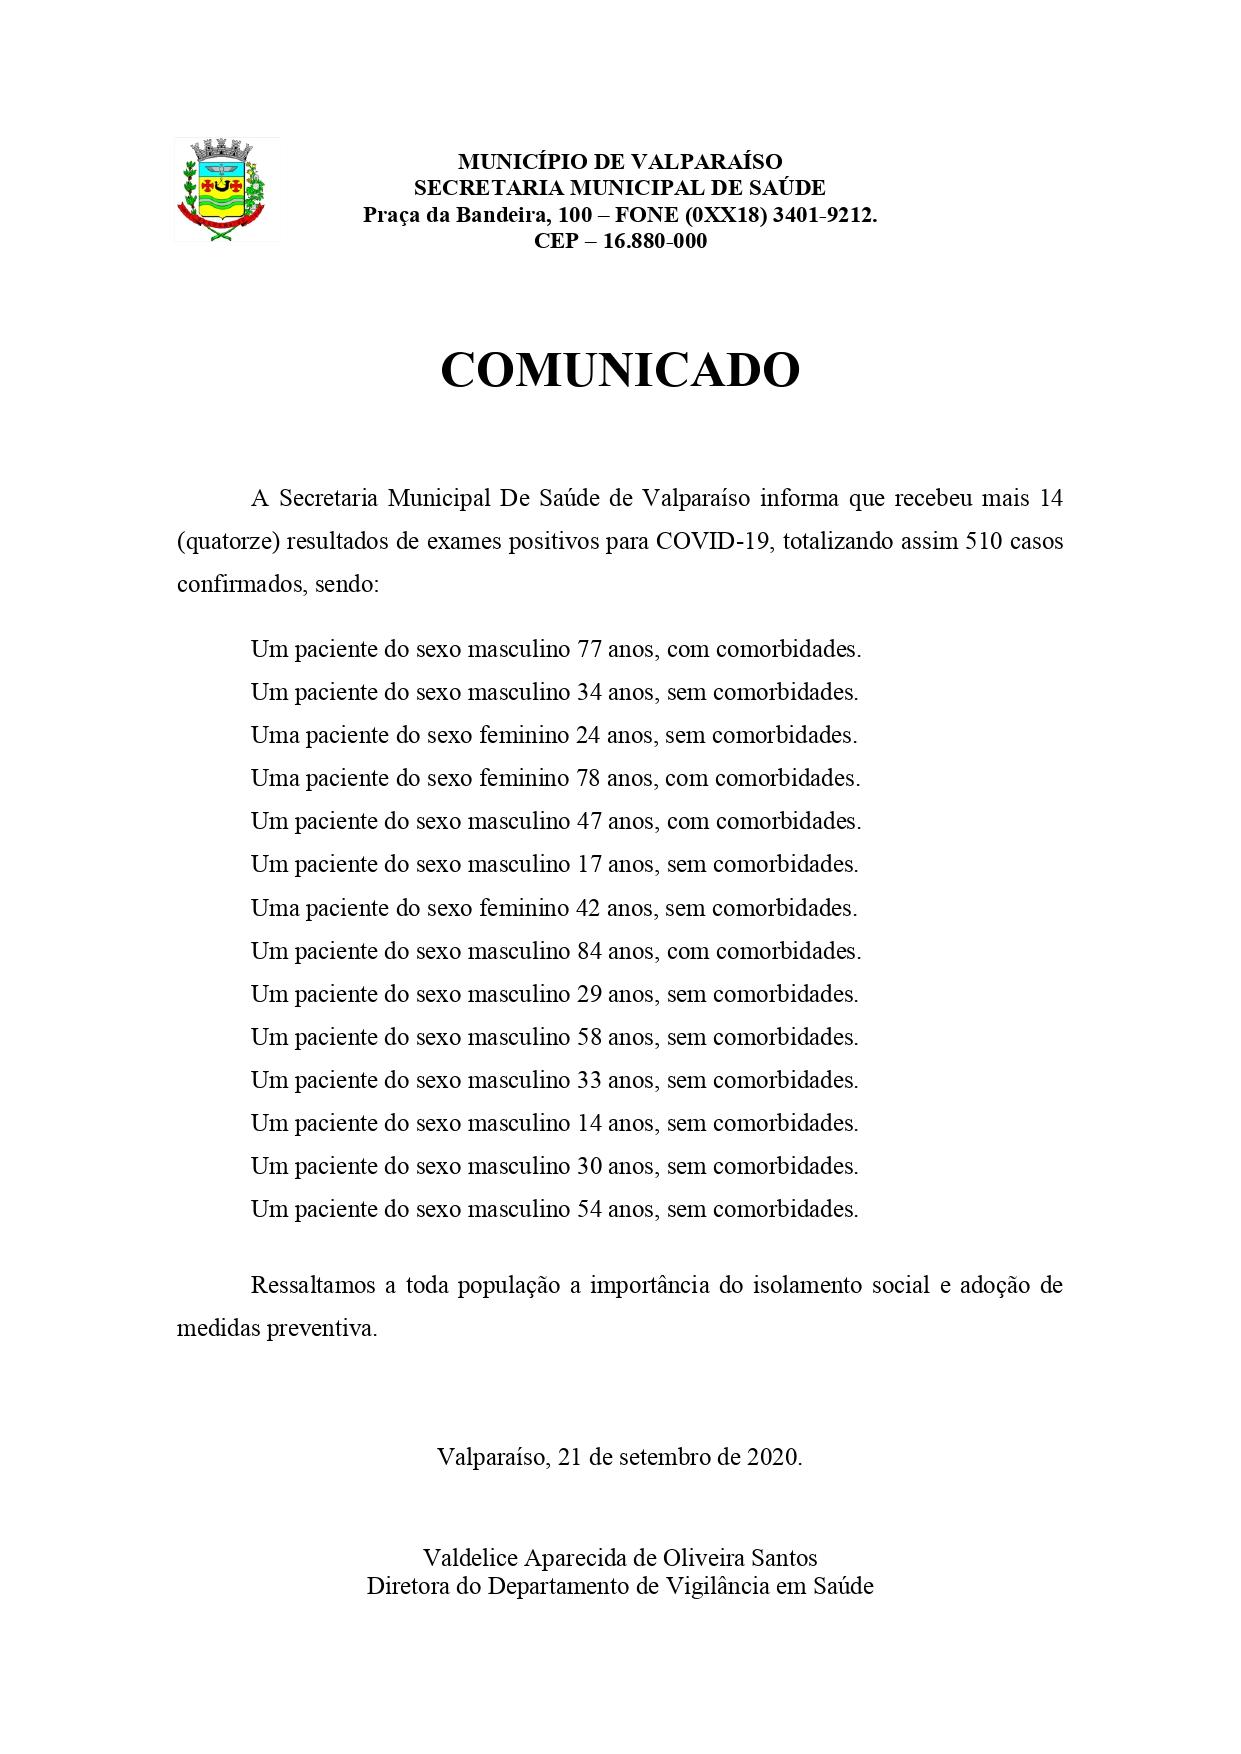 covid510